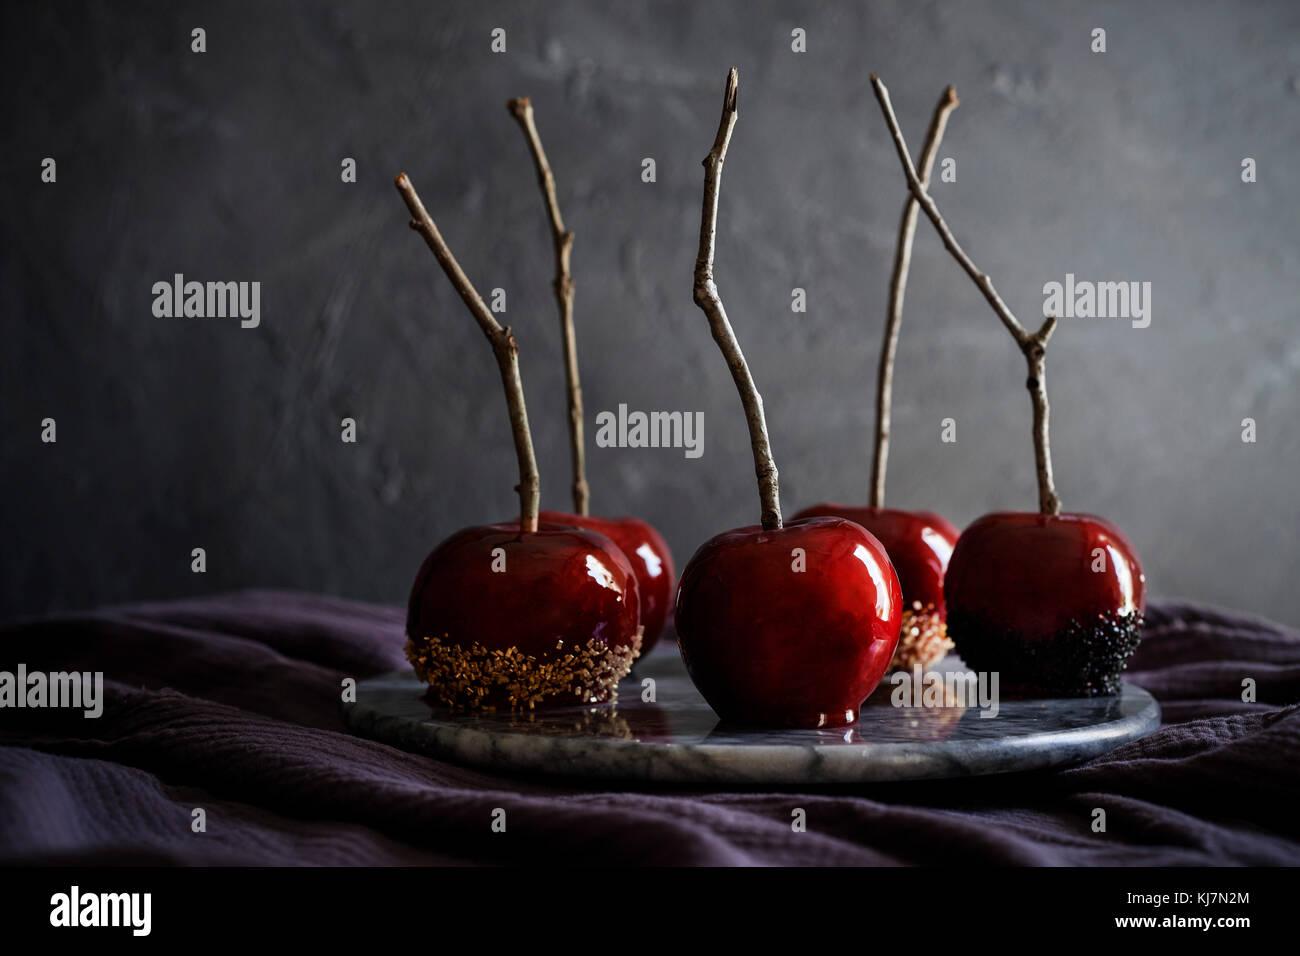 Plateau en marbre de belle, rouge, pommes sur pourpre foncé , moody. sentir avec fond texturé noir. Banque D'Images